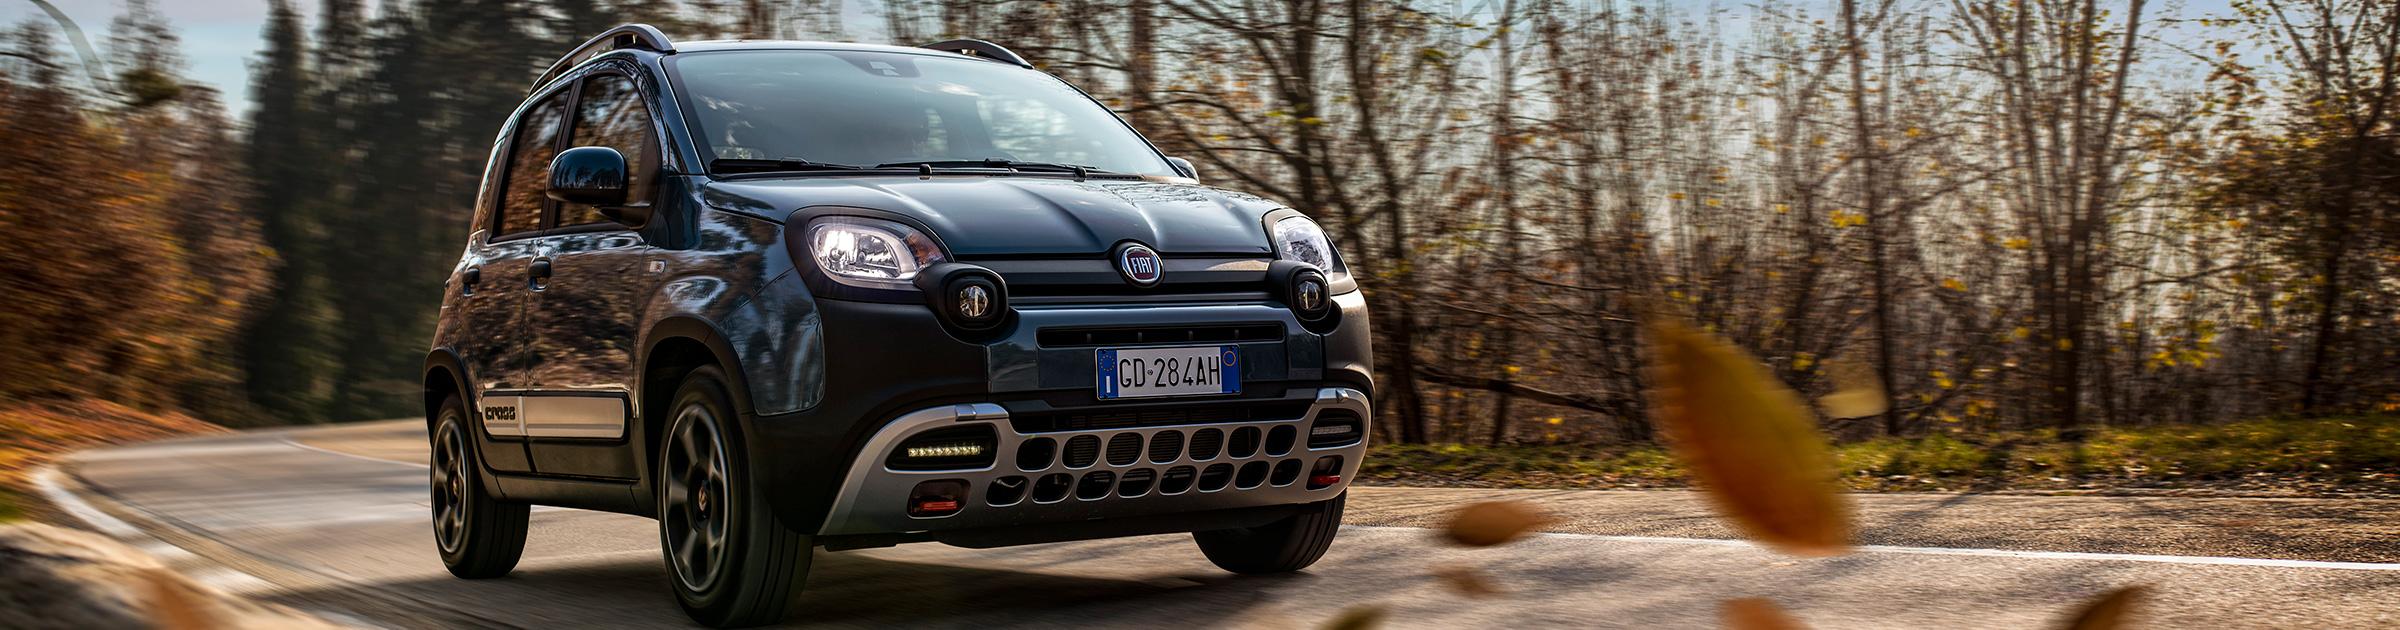 Ontdek de nieuwe Fiat Panda